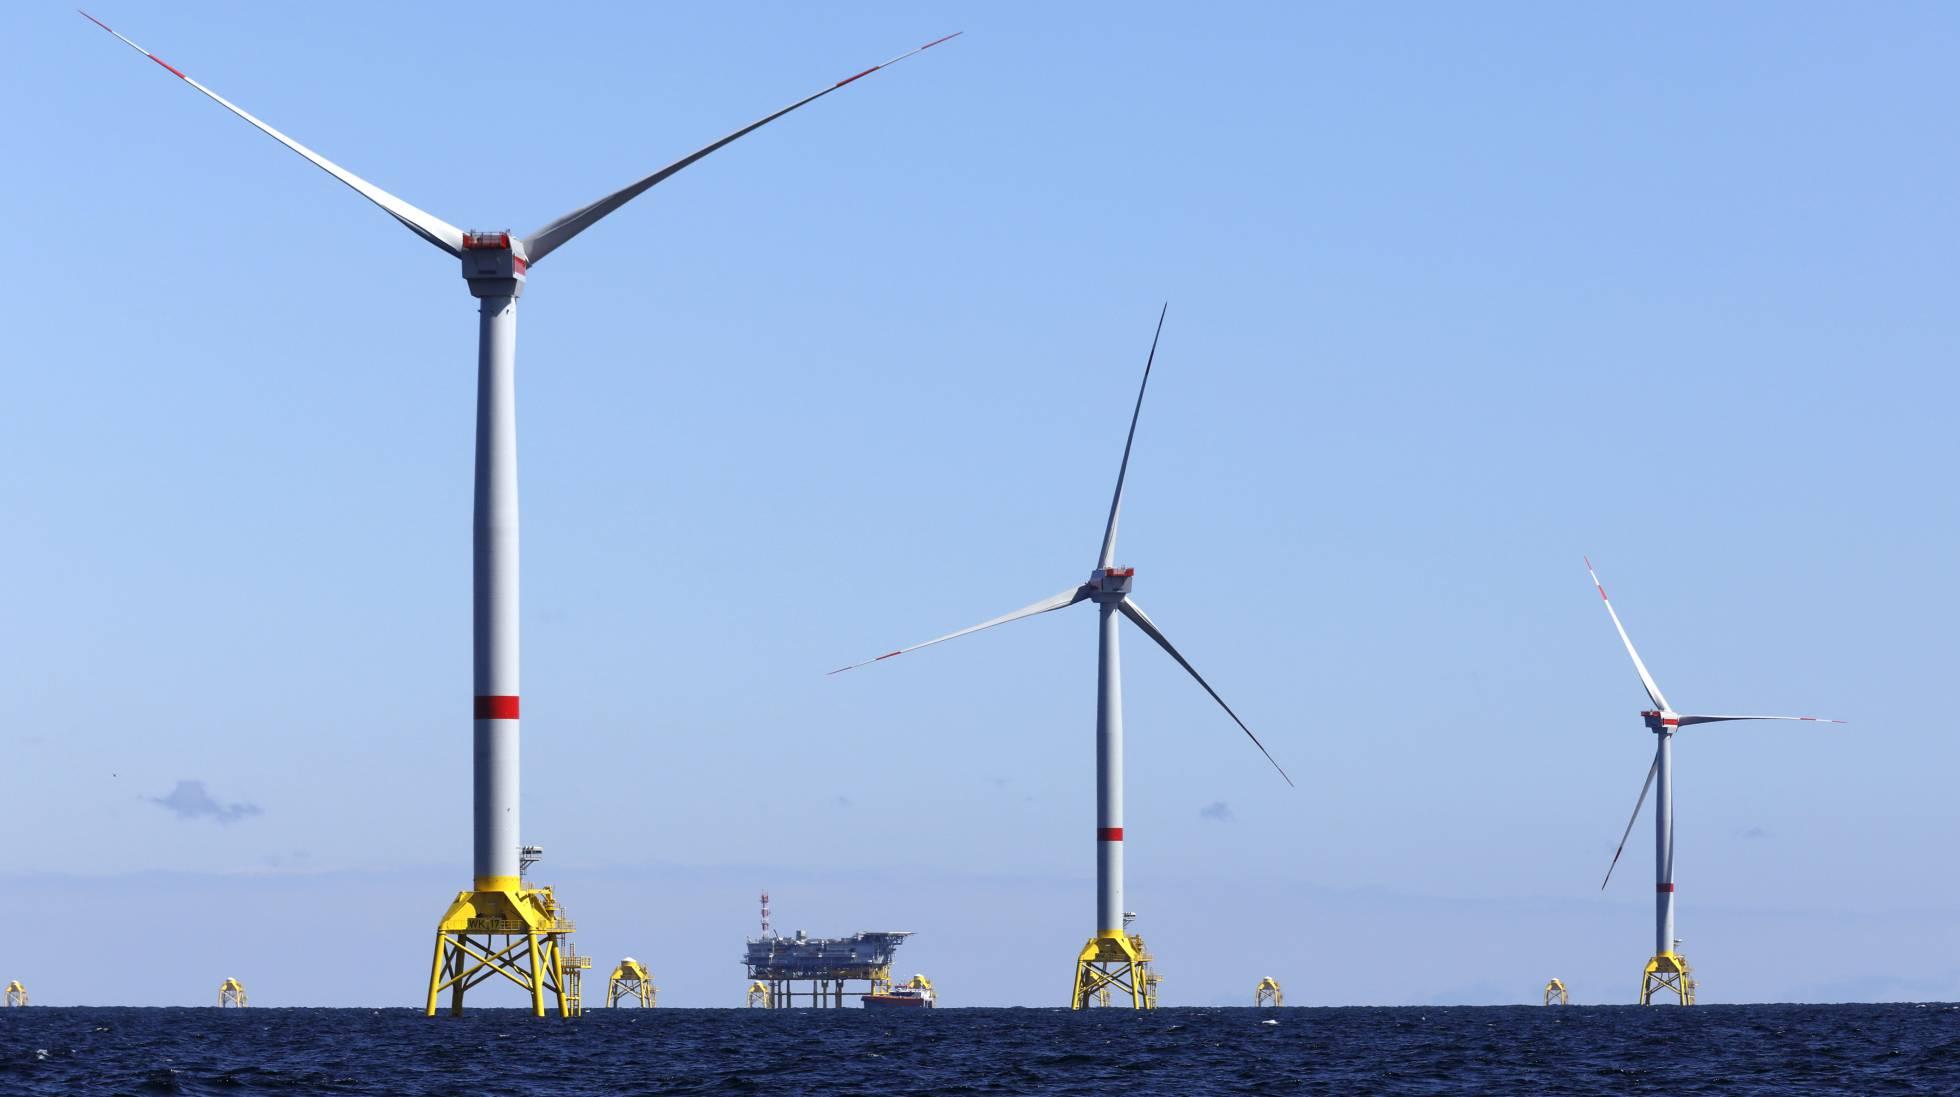 Energía. Las fuentes renovables.Ya superan al carbón. - Página 2 1494613745_334328_1494614062_noticia_normal_recorte1